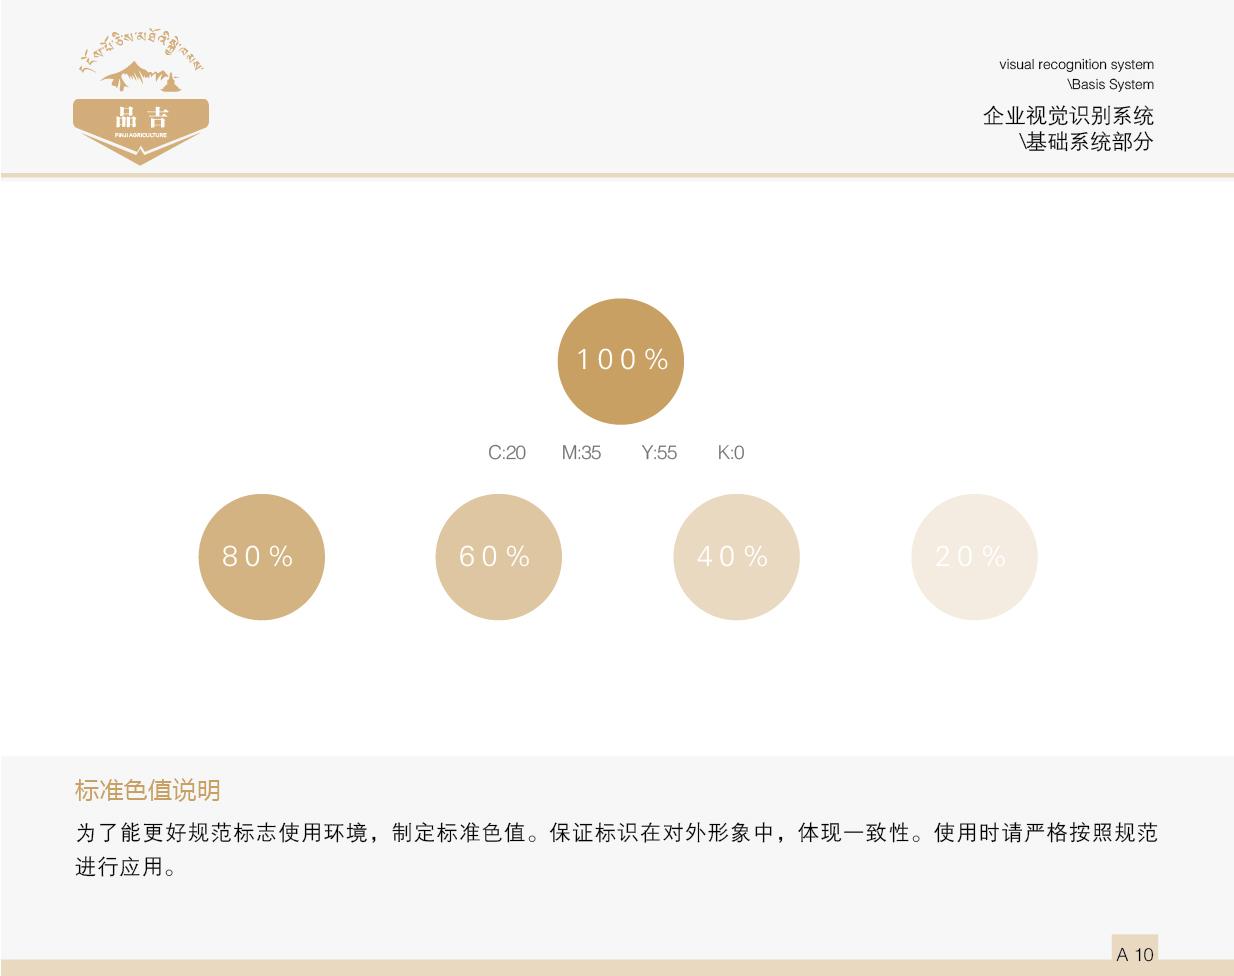 品吉农业VI 基础系统部分  客户资料  第11张